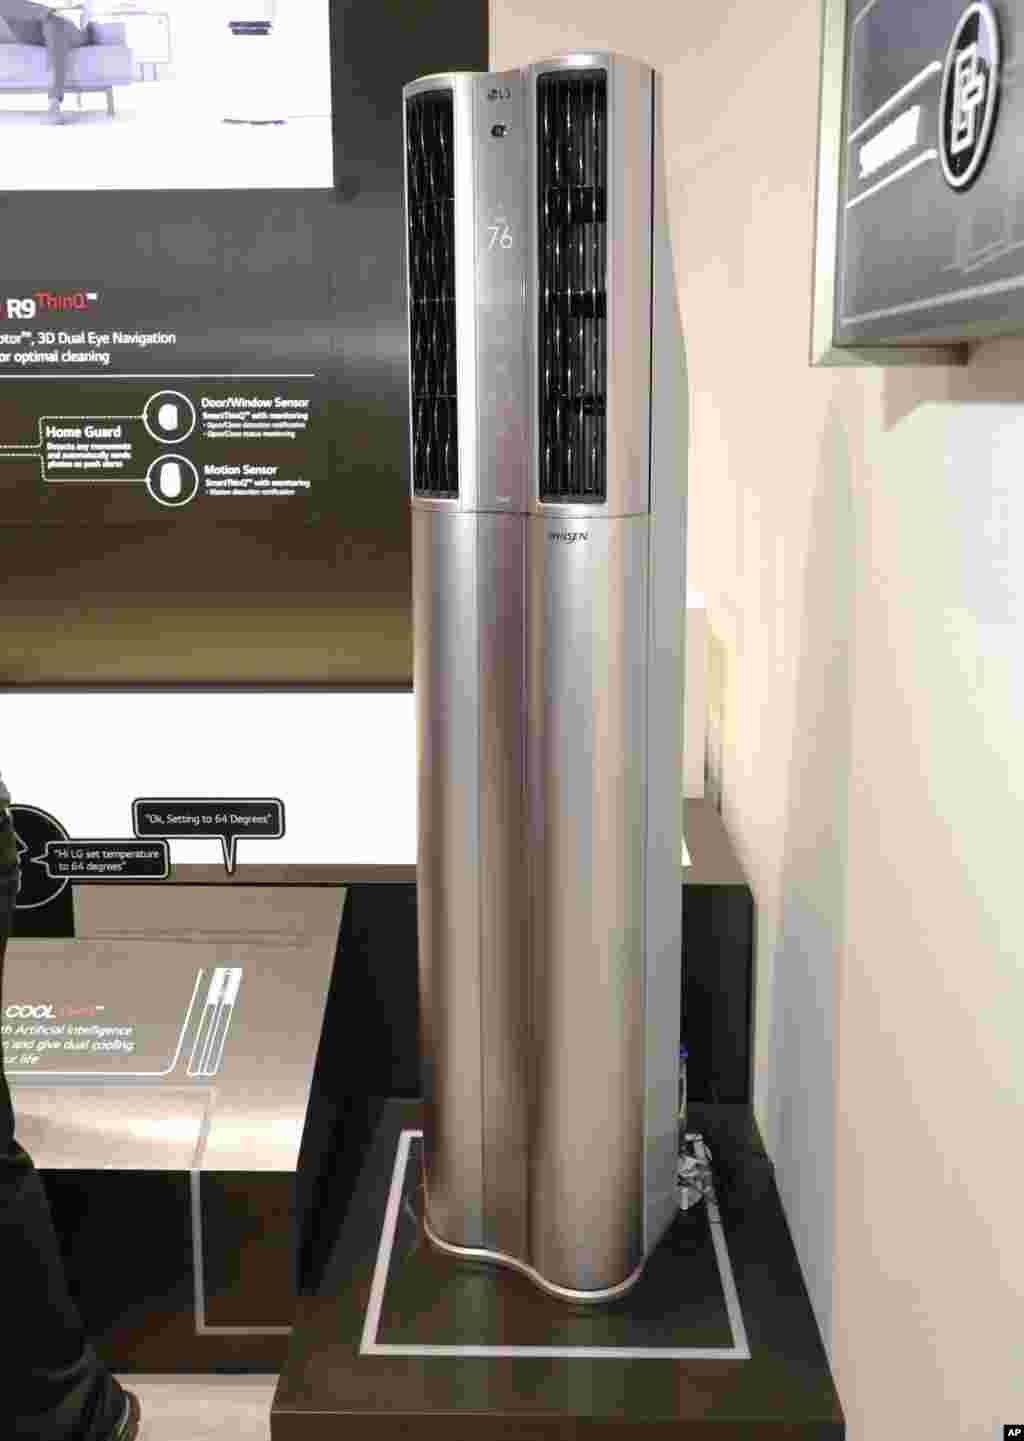 جدیدترین محصولات هوشمند تصفیه هوا شرکت ال جی در نمایشگاه کالاهای الکترونیکی لاس وگاس